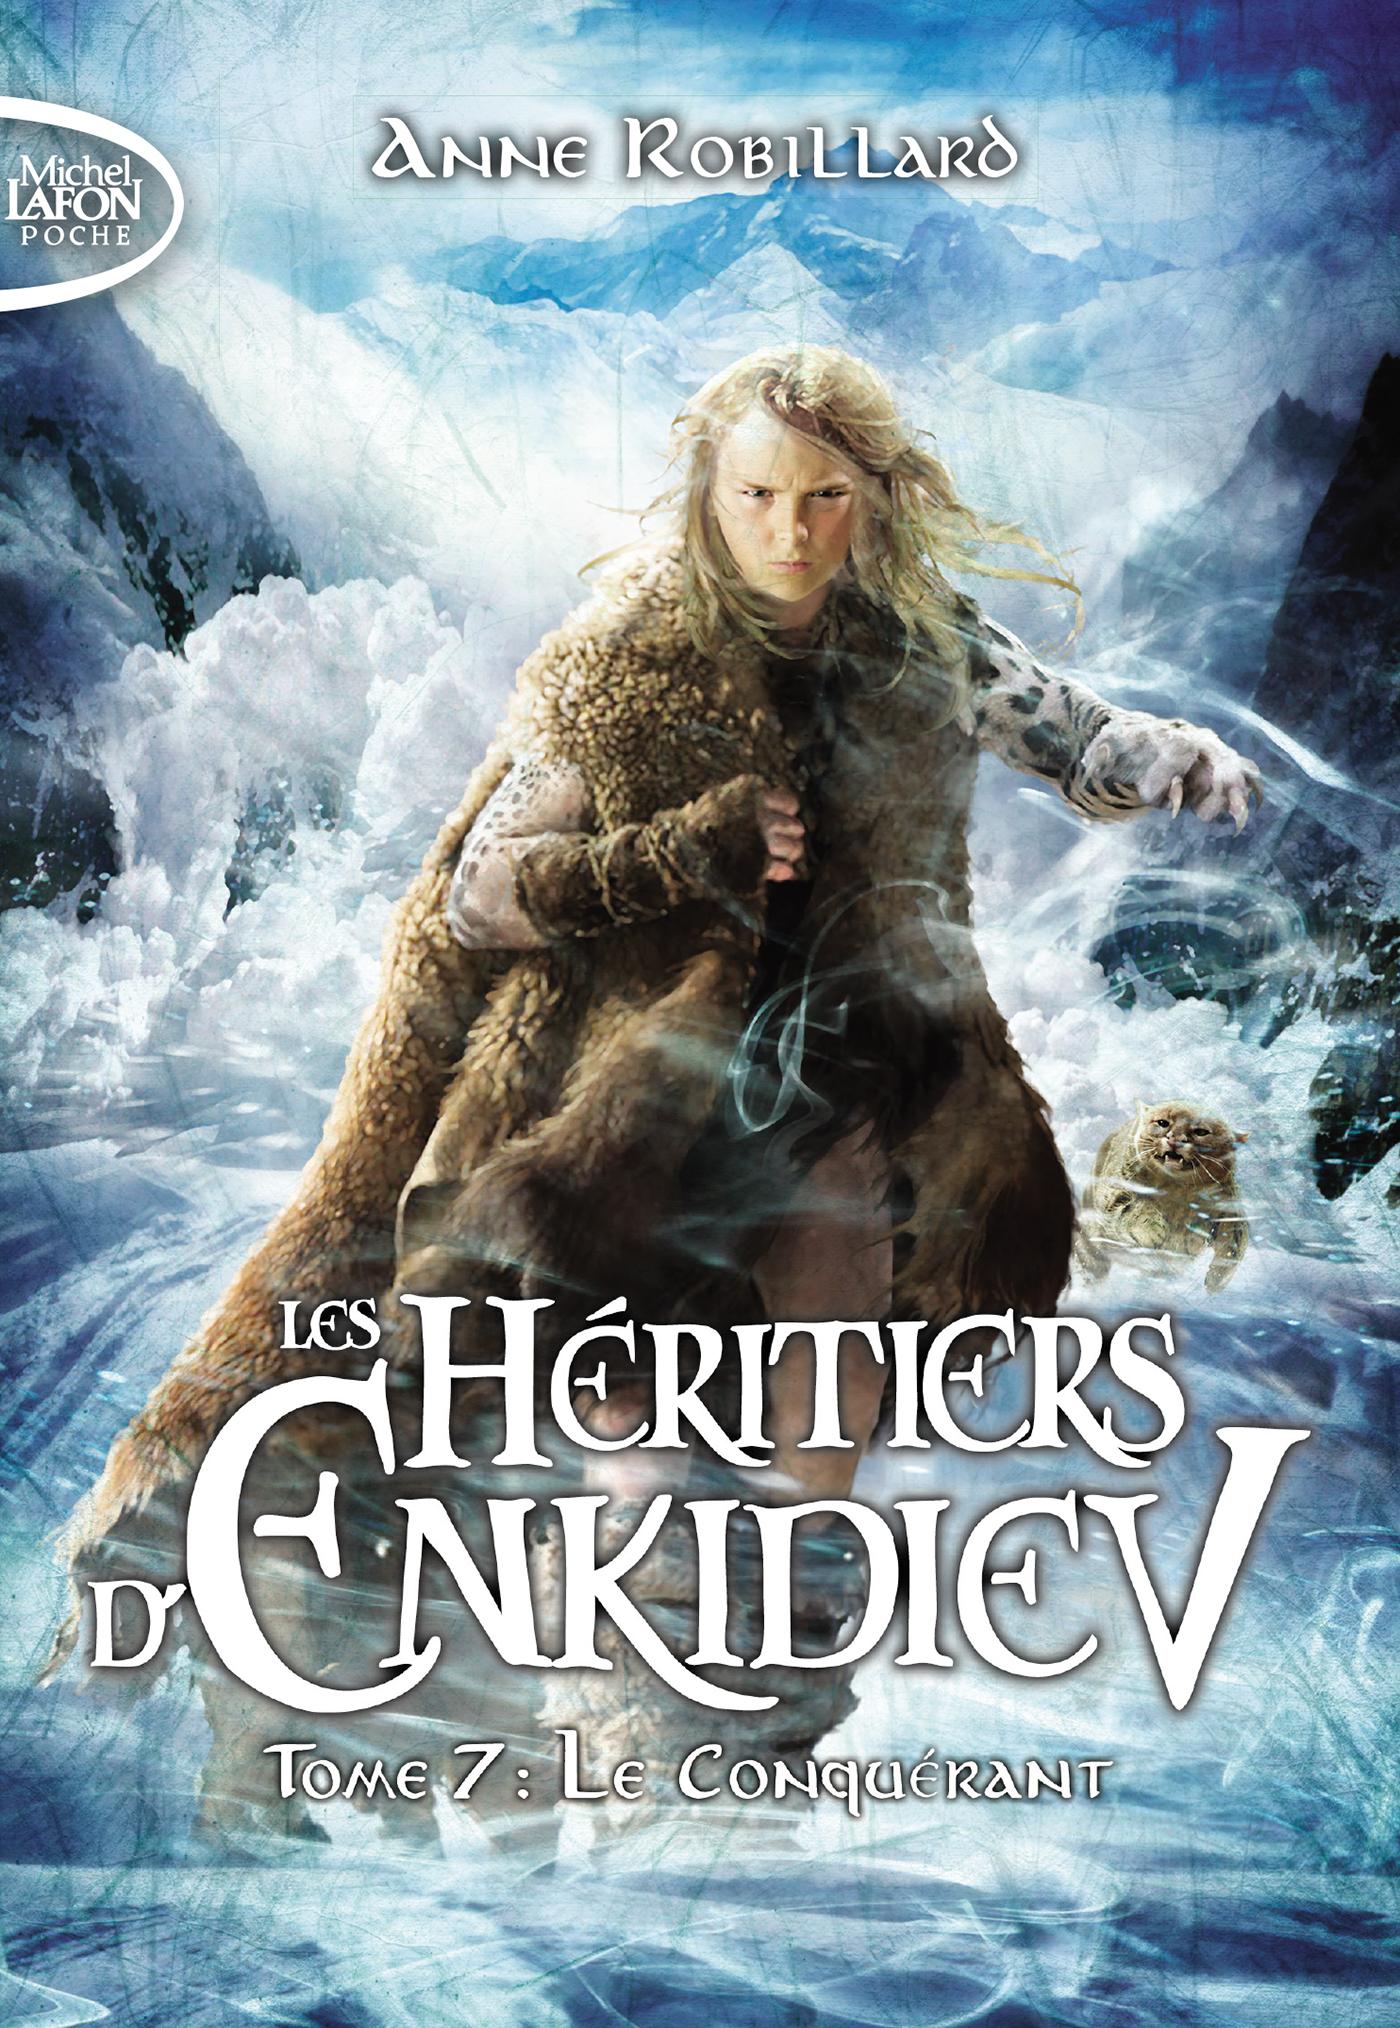 Les Héritiers d'Enkidiev – Tome 7 (Poche)